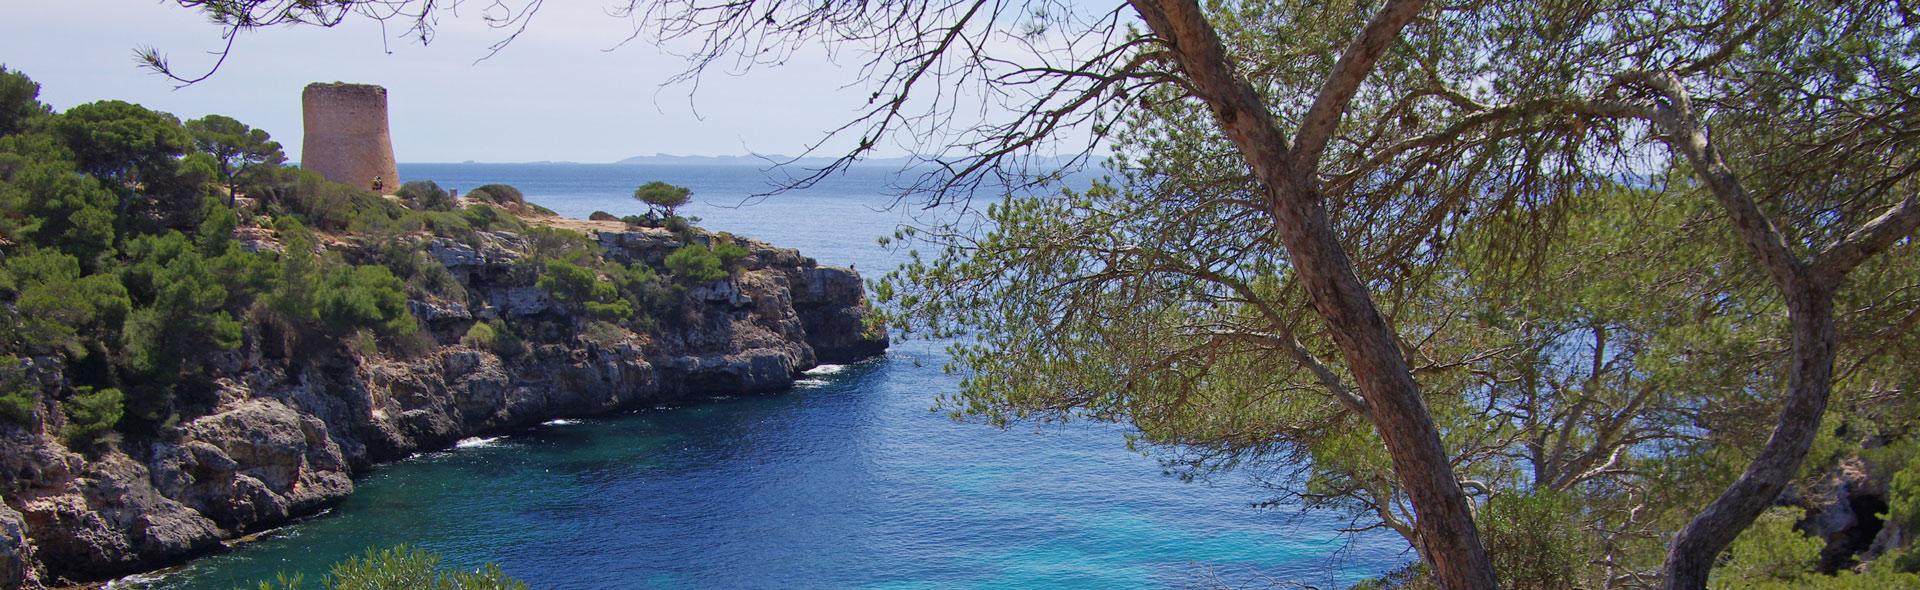 Piratenhafen und Badebuchten Cala Pi und Cala Béltran